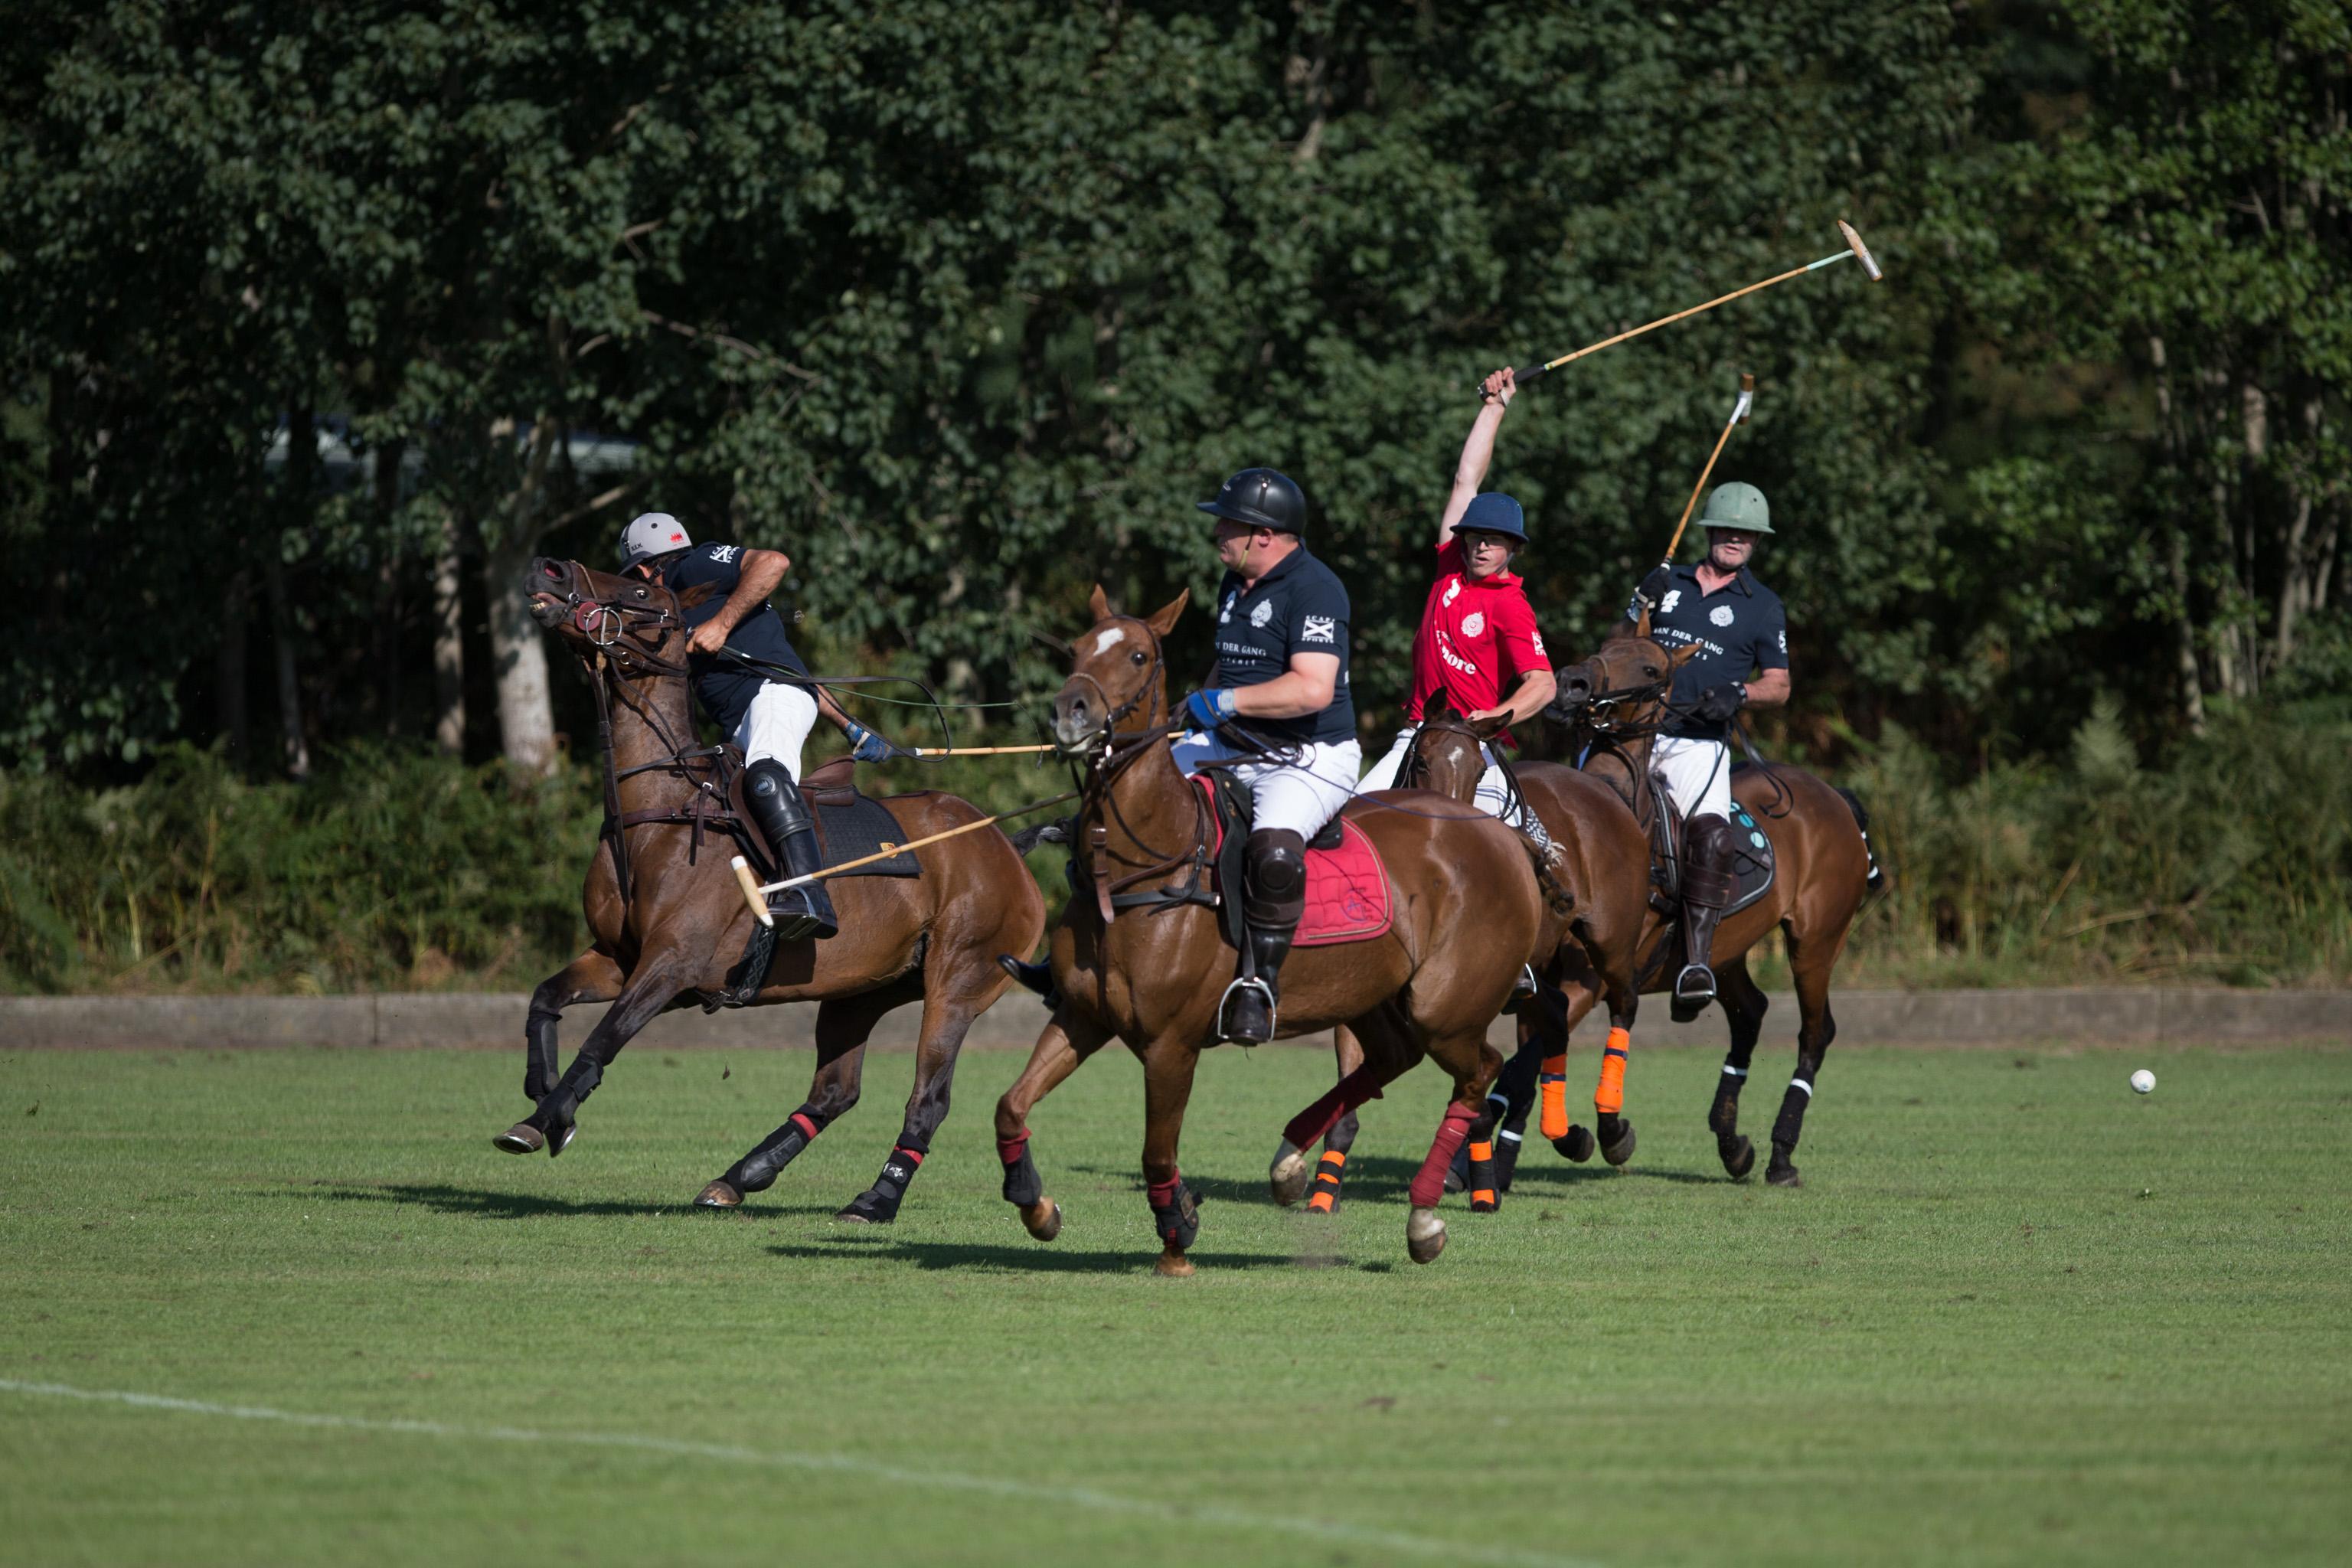 Polo is een actiesport vol adrenaline